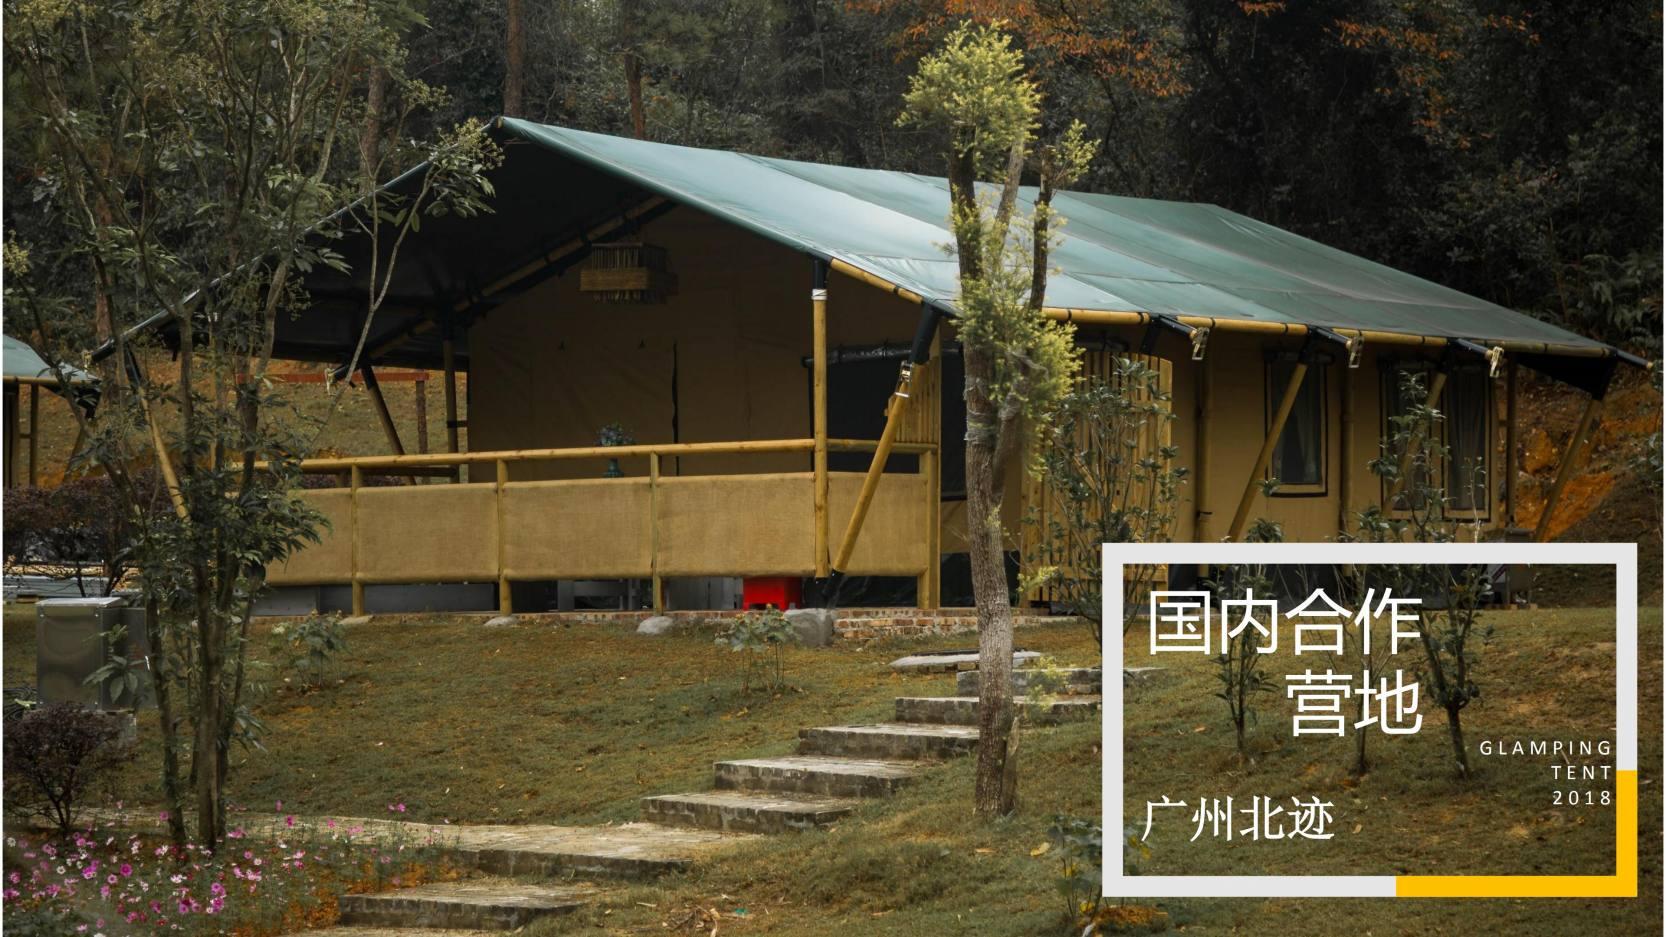 喜马拉雅野奢帐篷 (38)